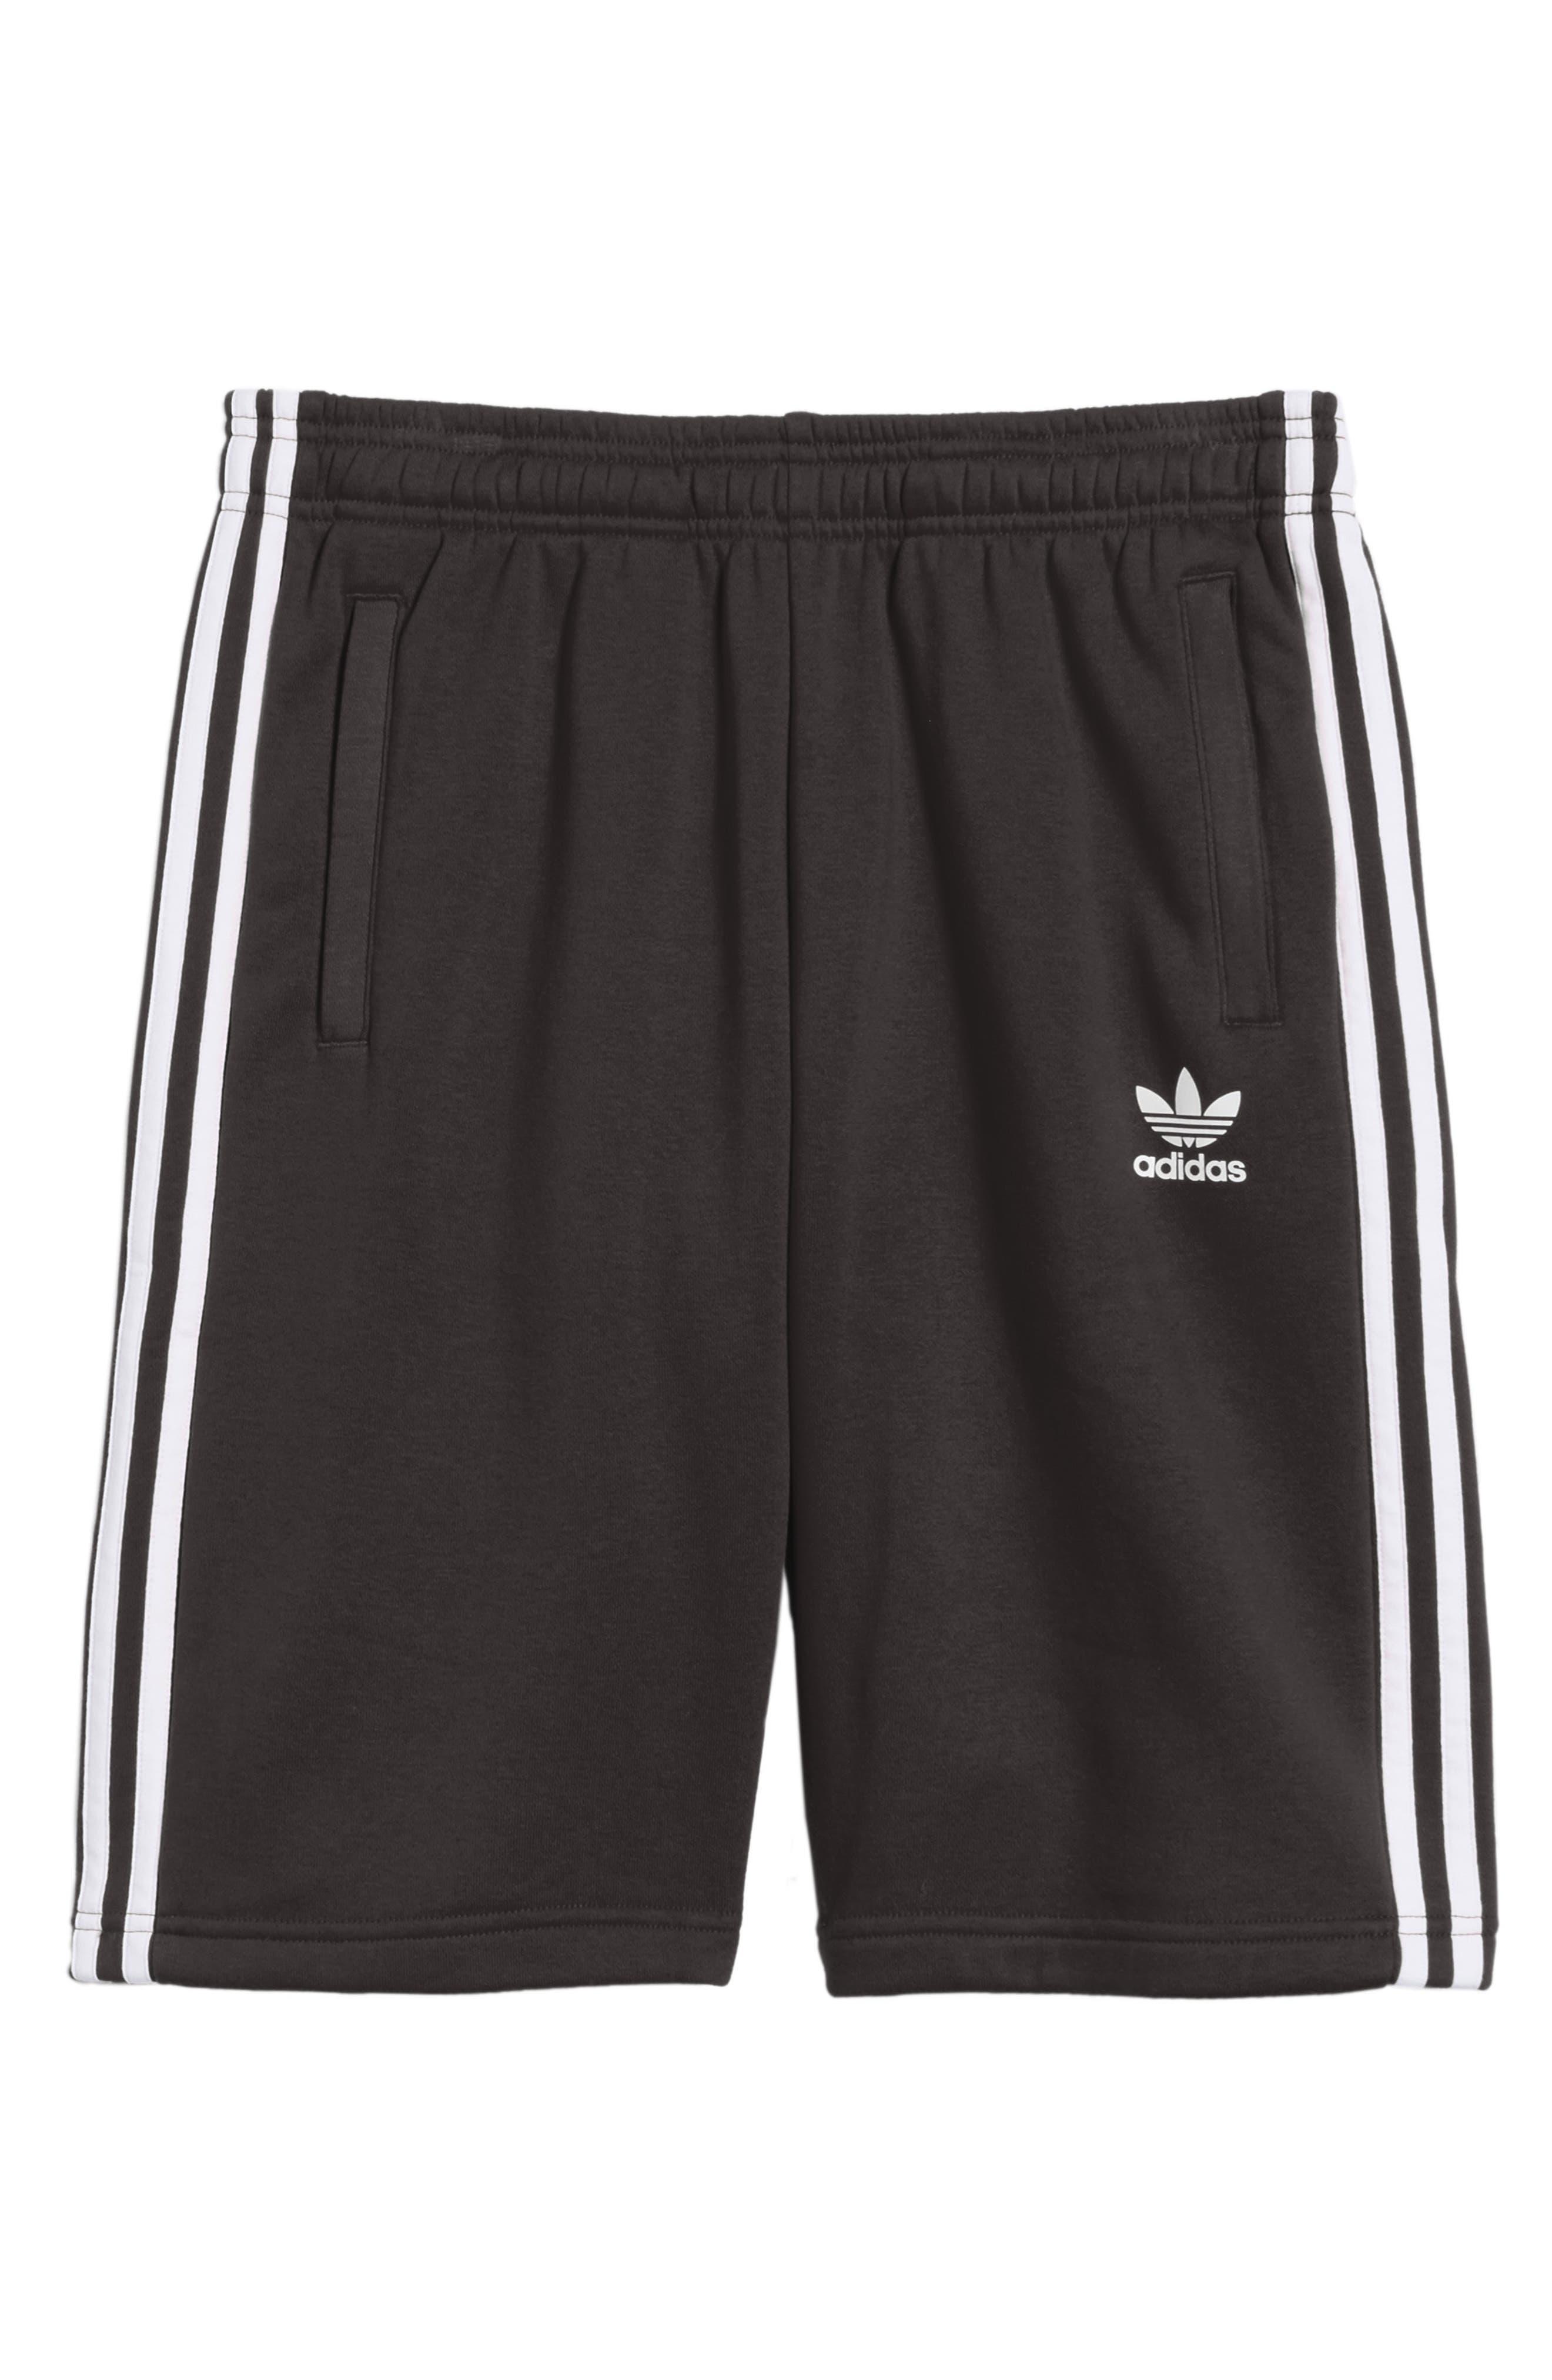 3-Stripes Shorts,                             Alternate thumbnail 5, color,                             BLACK/ WHITE